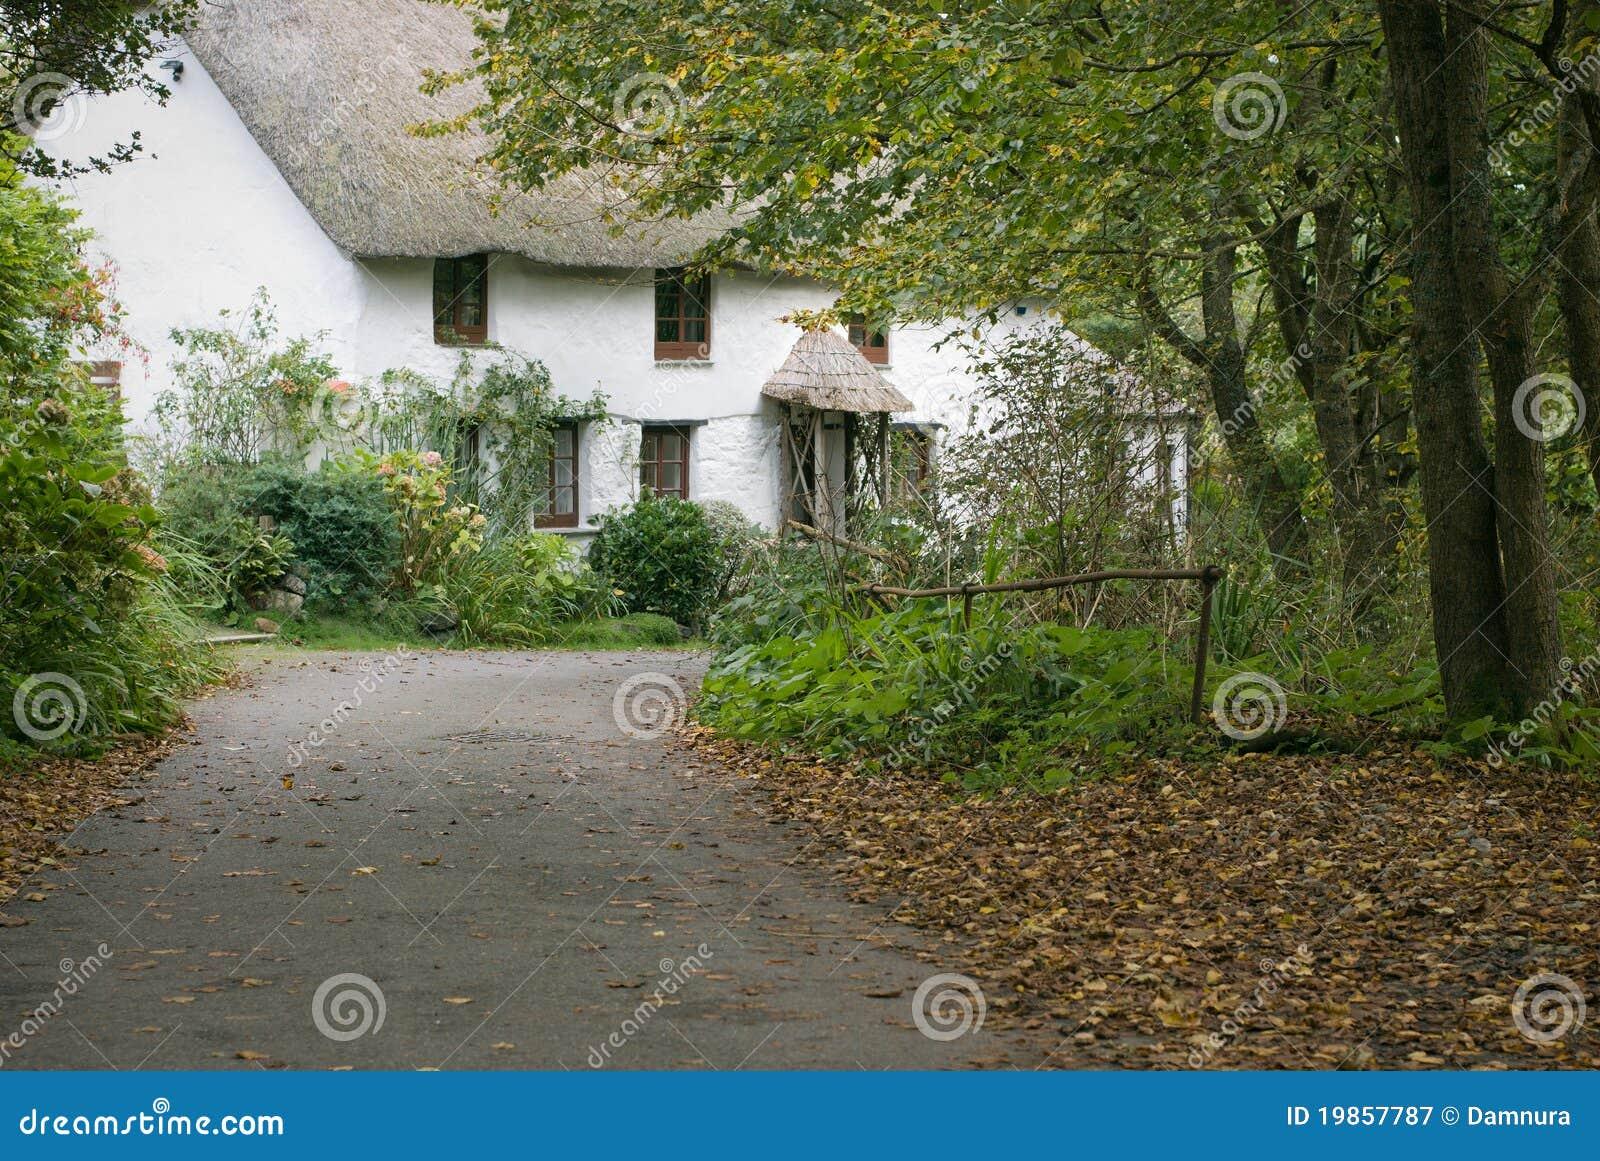 Cottage della cornovaglia del villaggio immagine stock for Vecchio cottage inglese